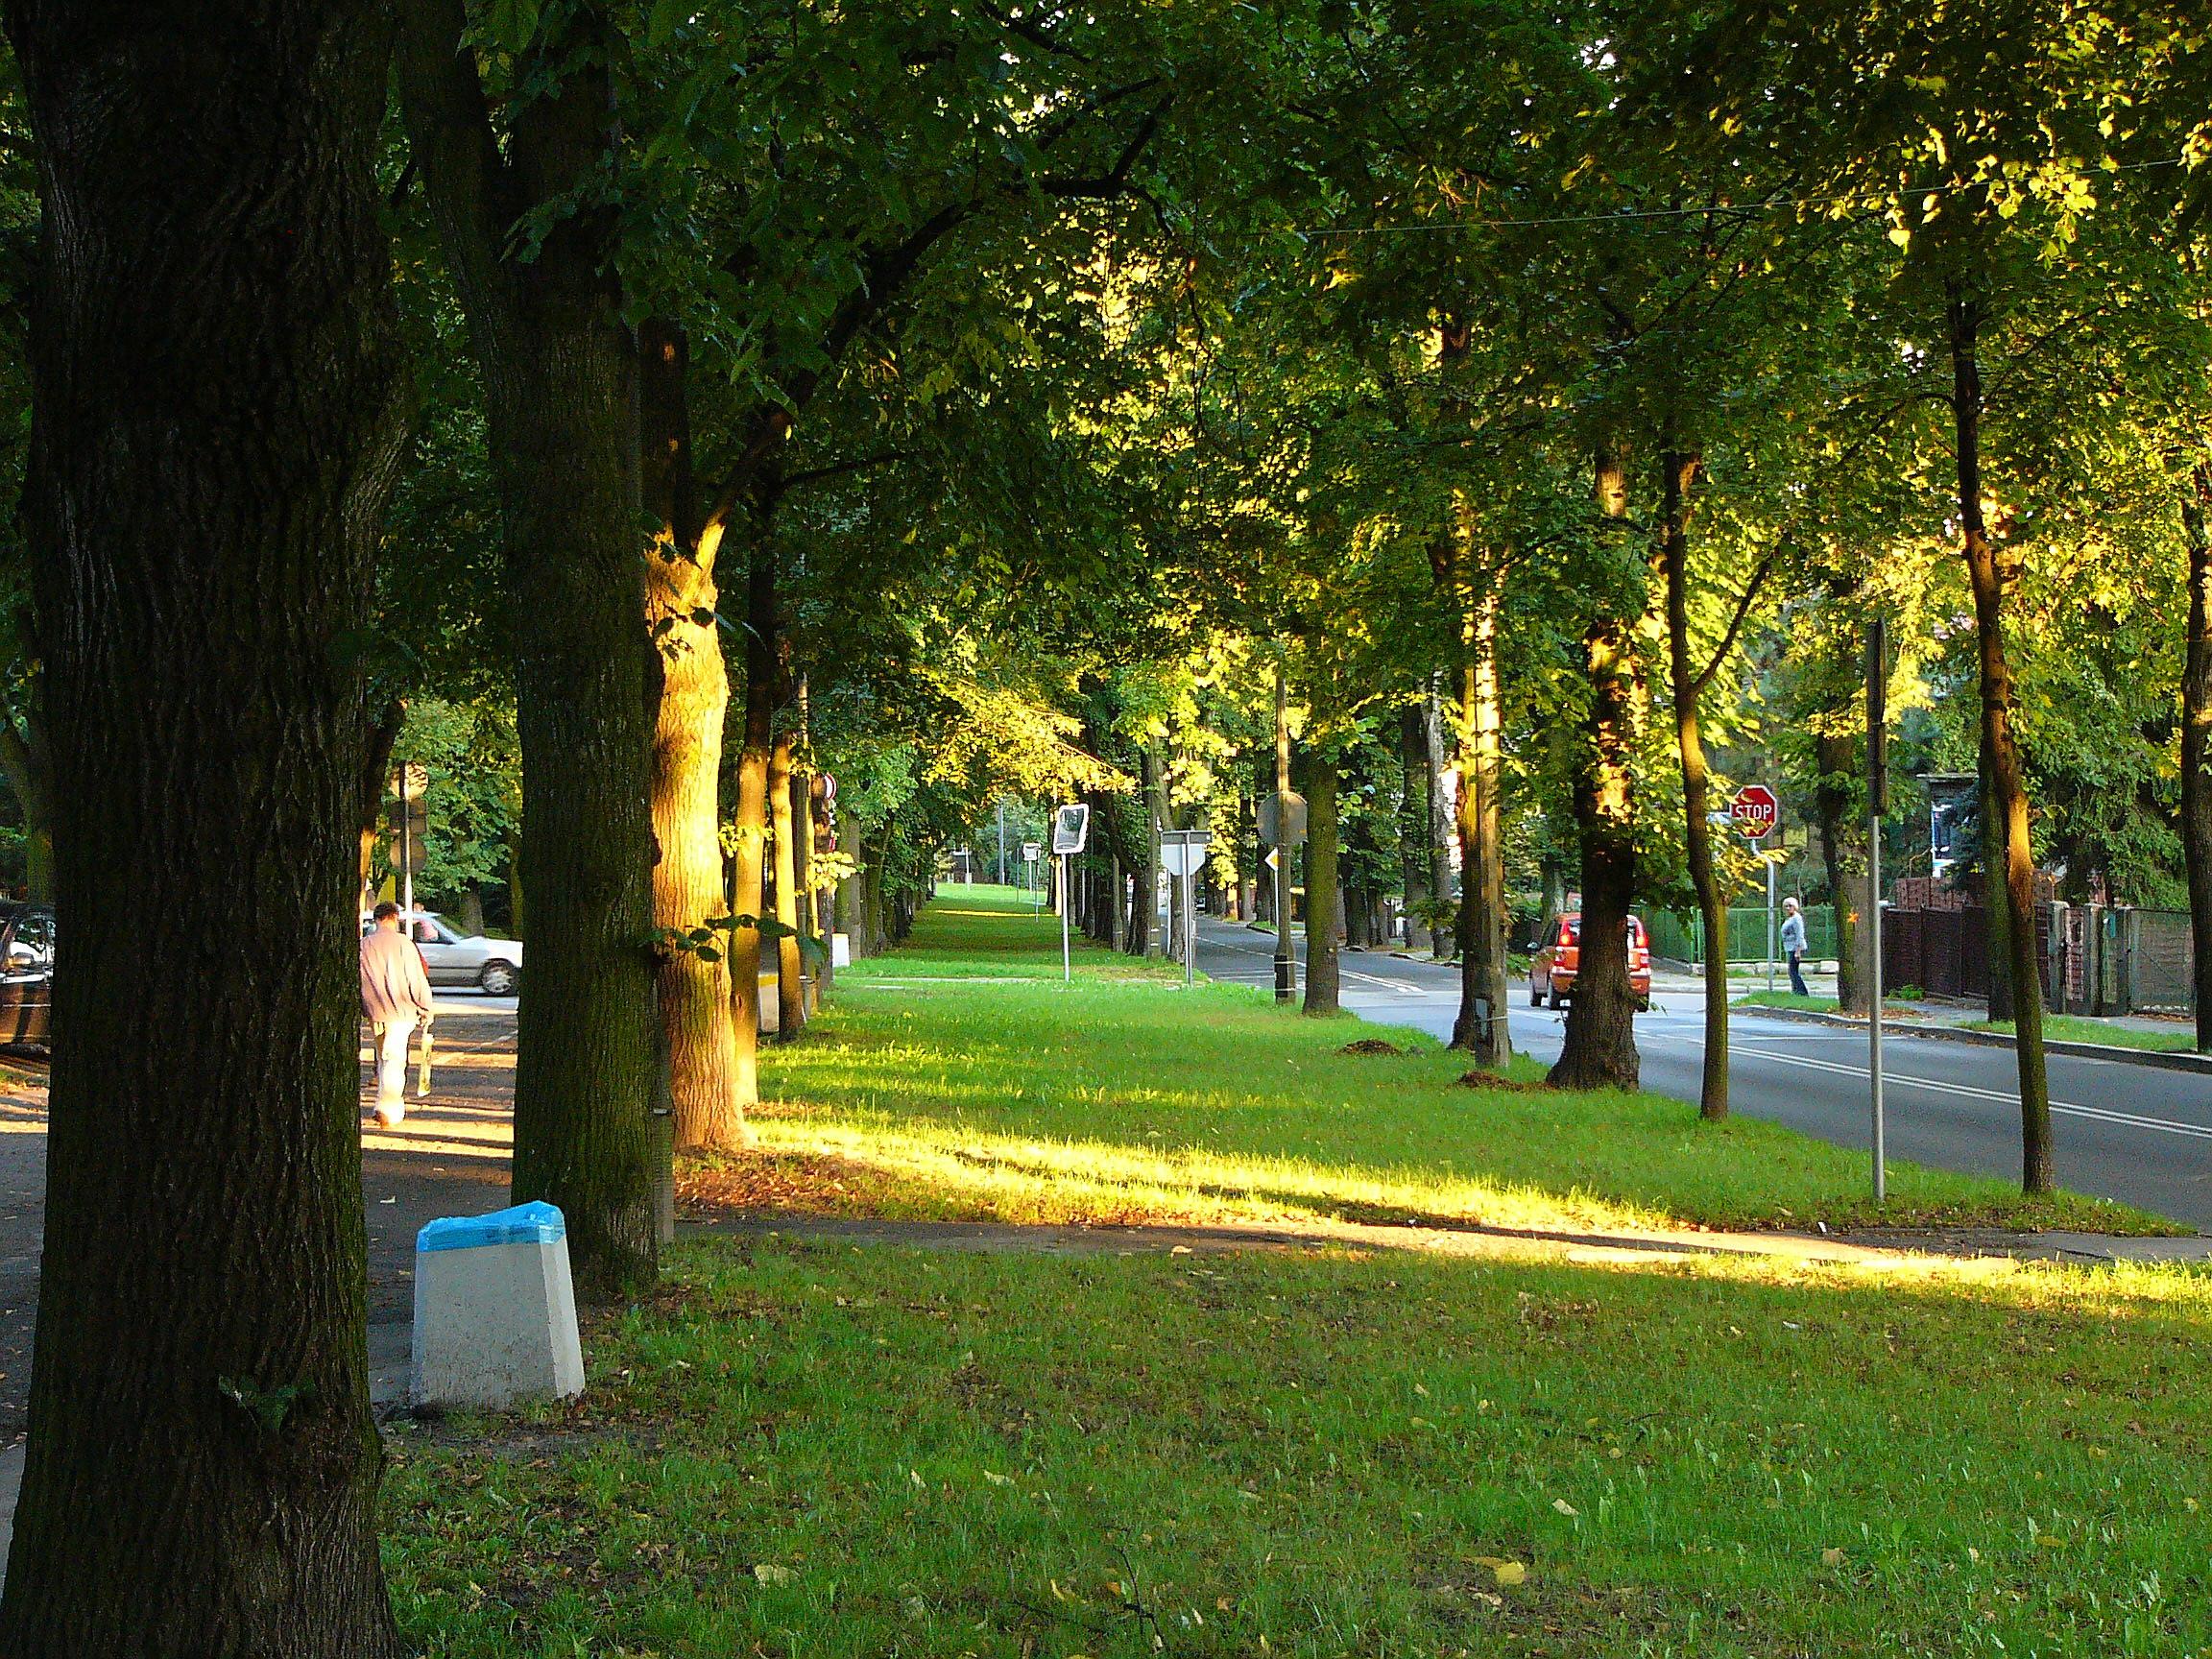 Ulica Adama Mickiewicza w Gliwicach – Wikipedia, wolna encyklopedia